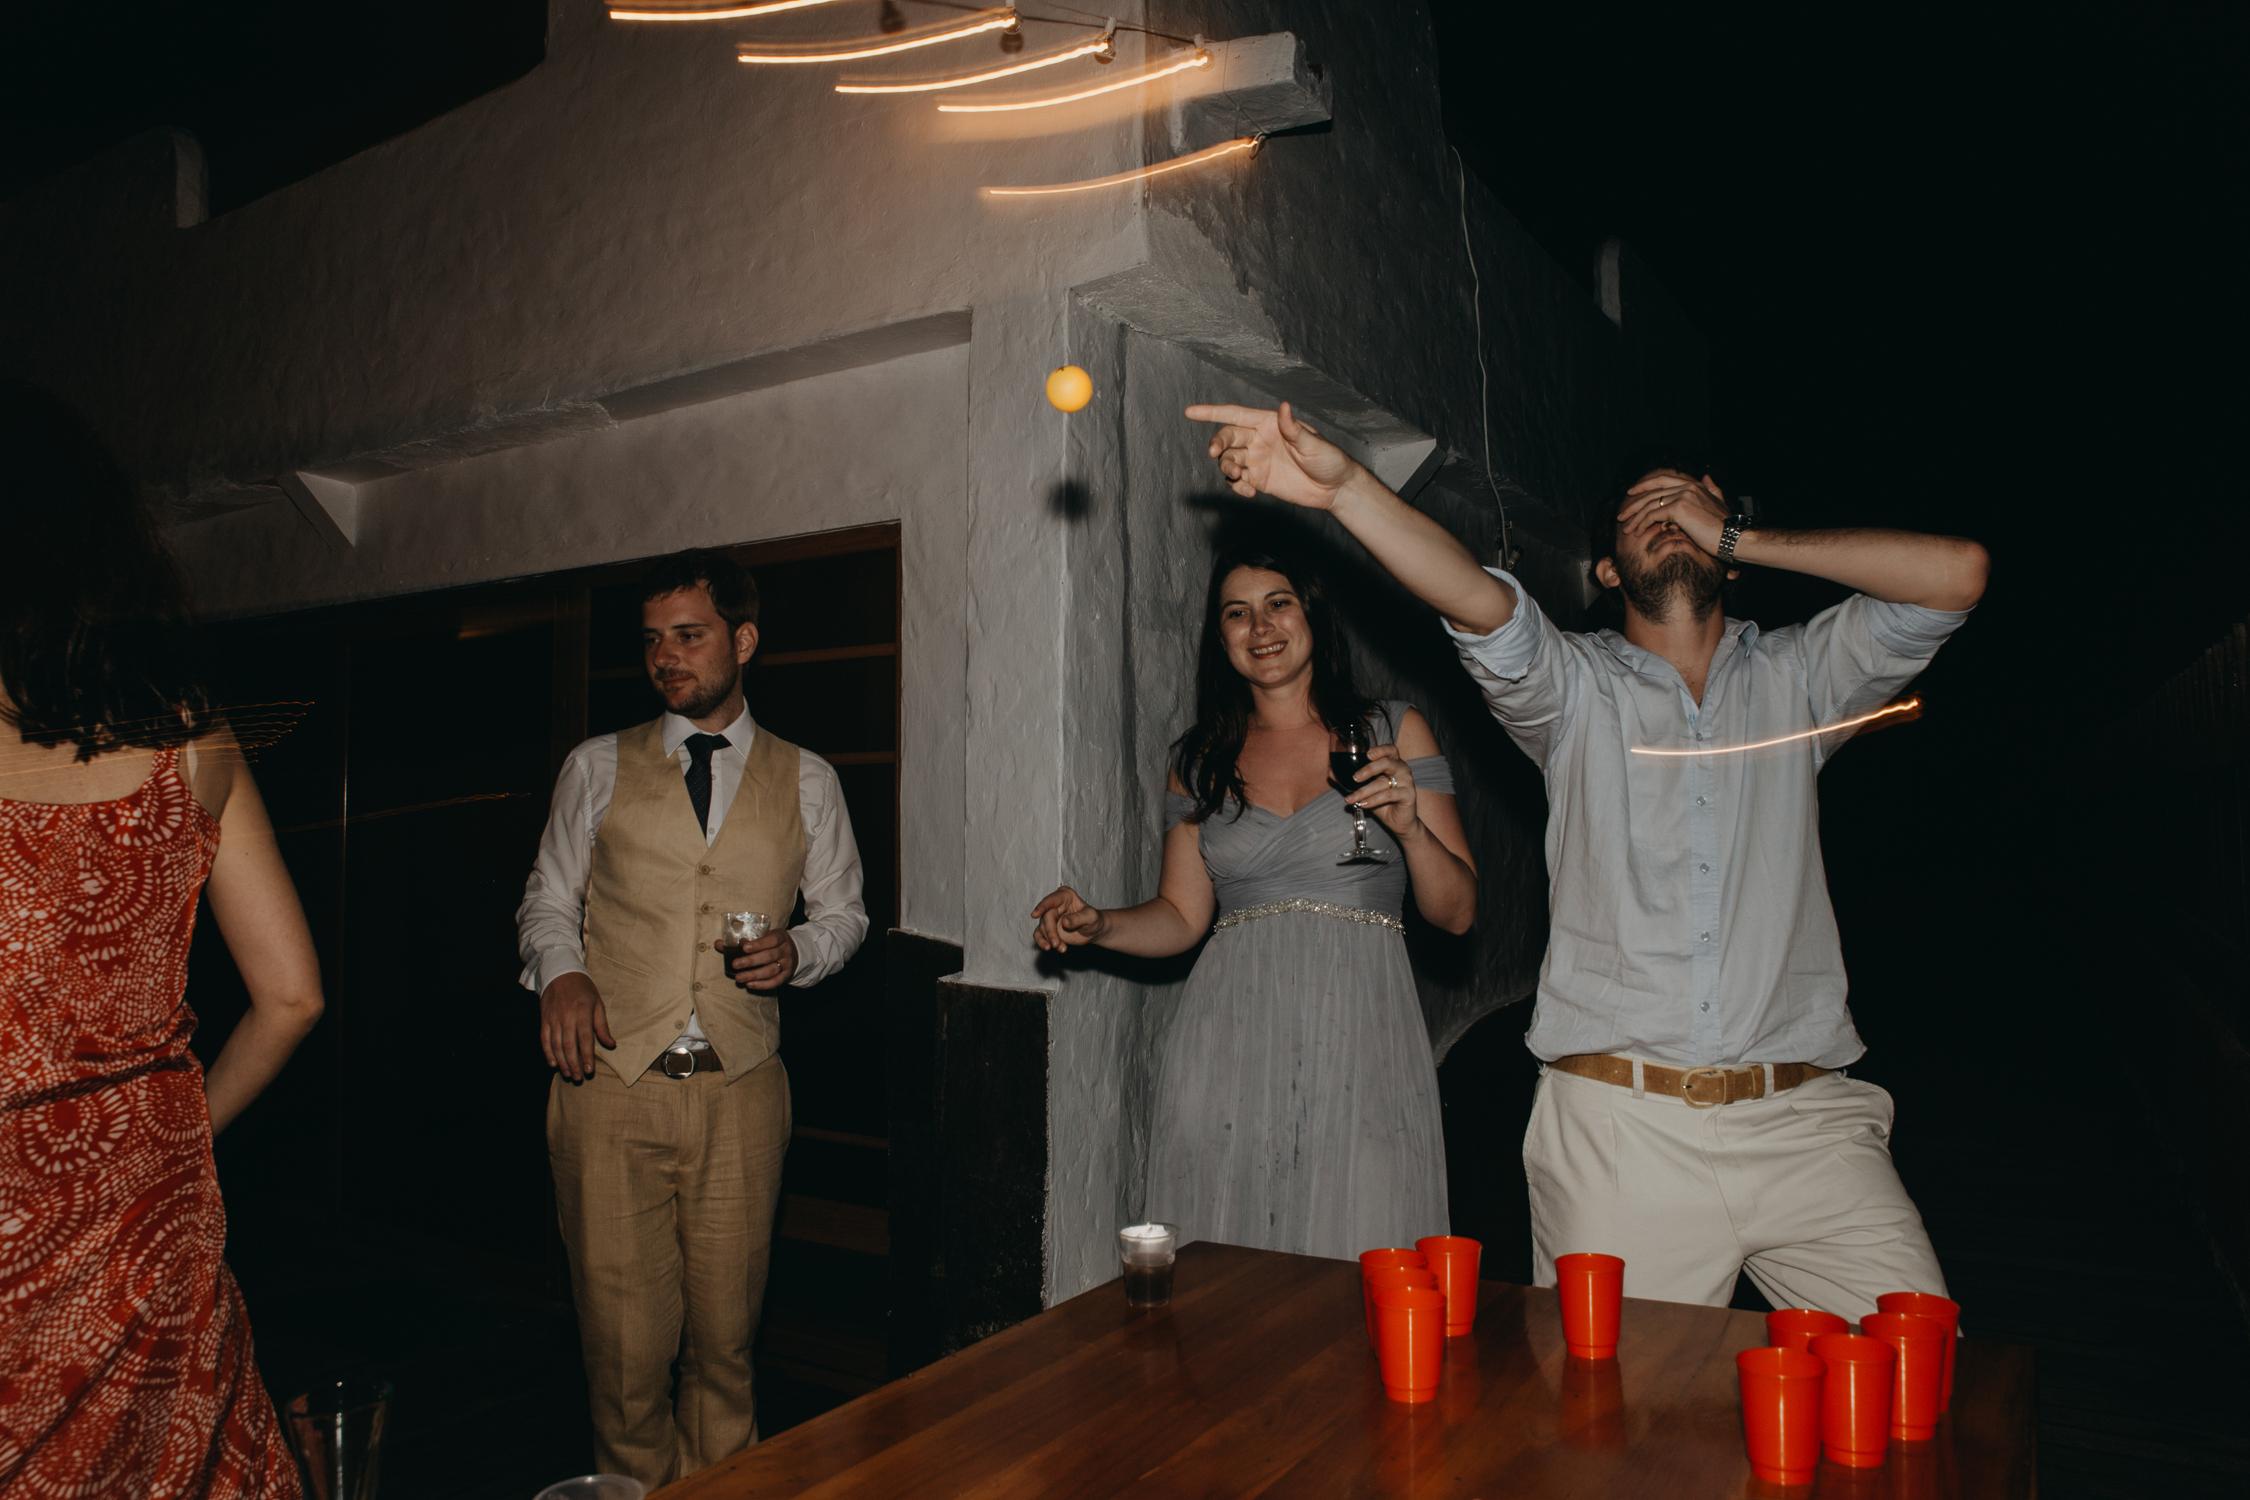 Michelle-Agurto-Fotografia-Bodas-Ecuador-Destination-Wedding-Photographer-Galapagos-Andrea-Joaquin-481.JPG